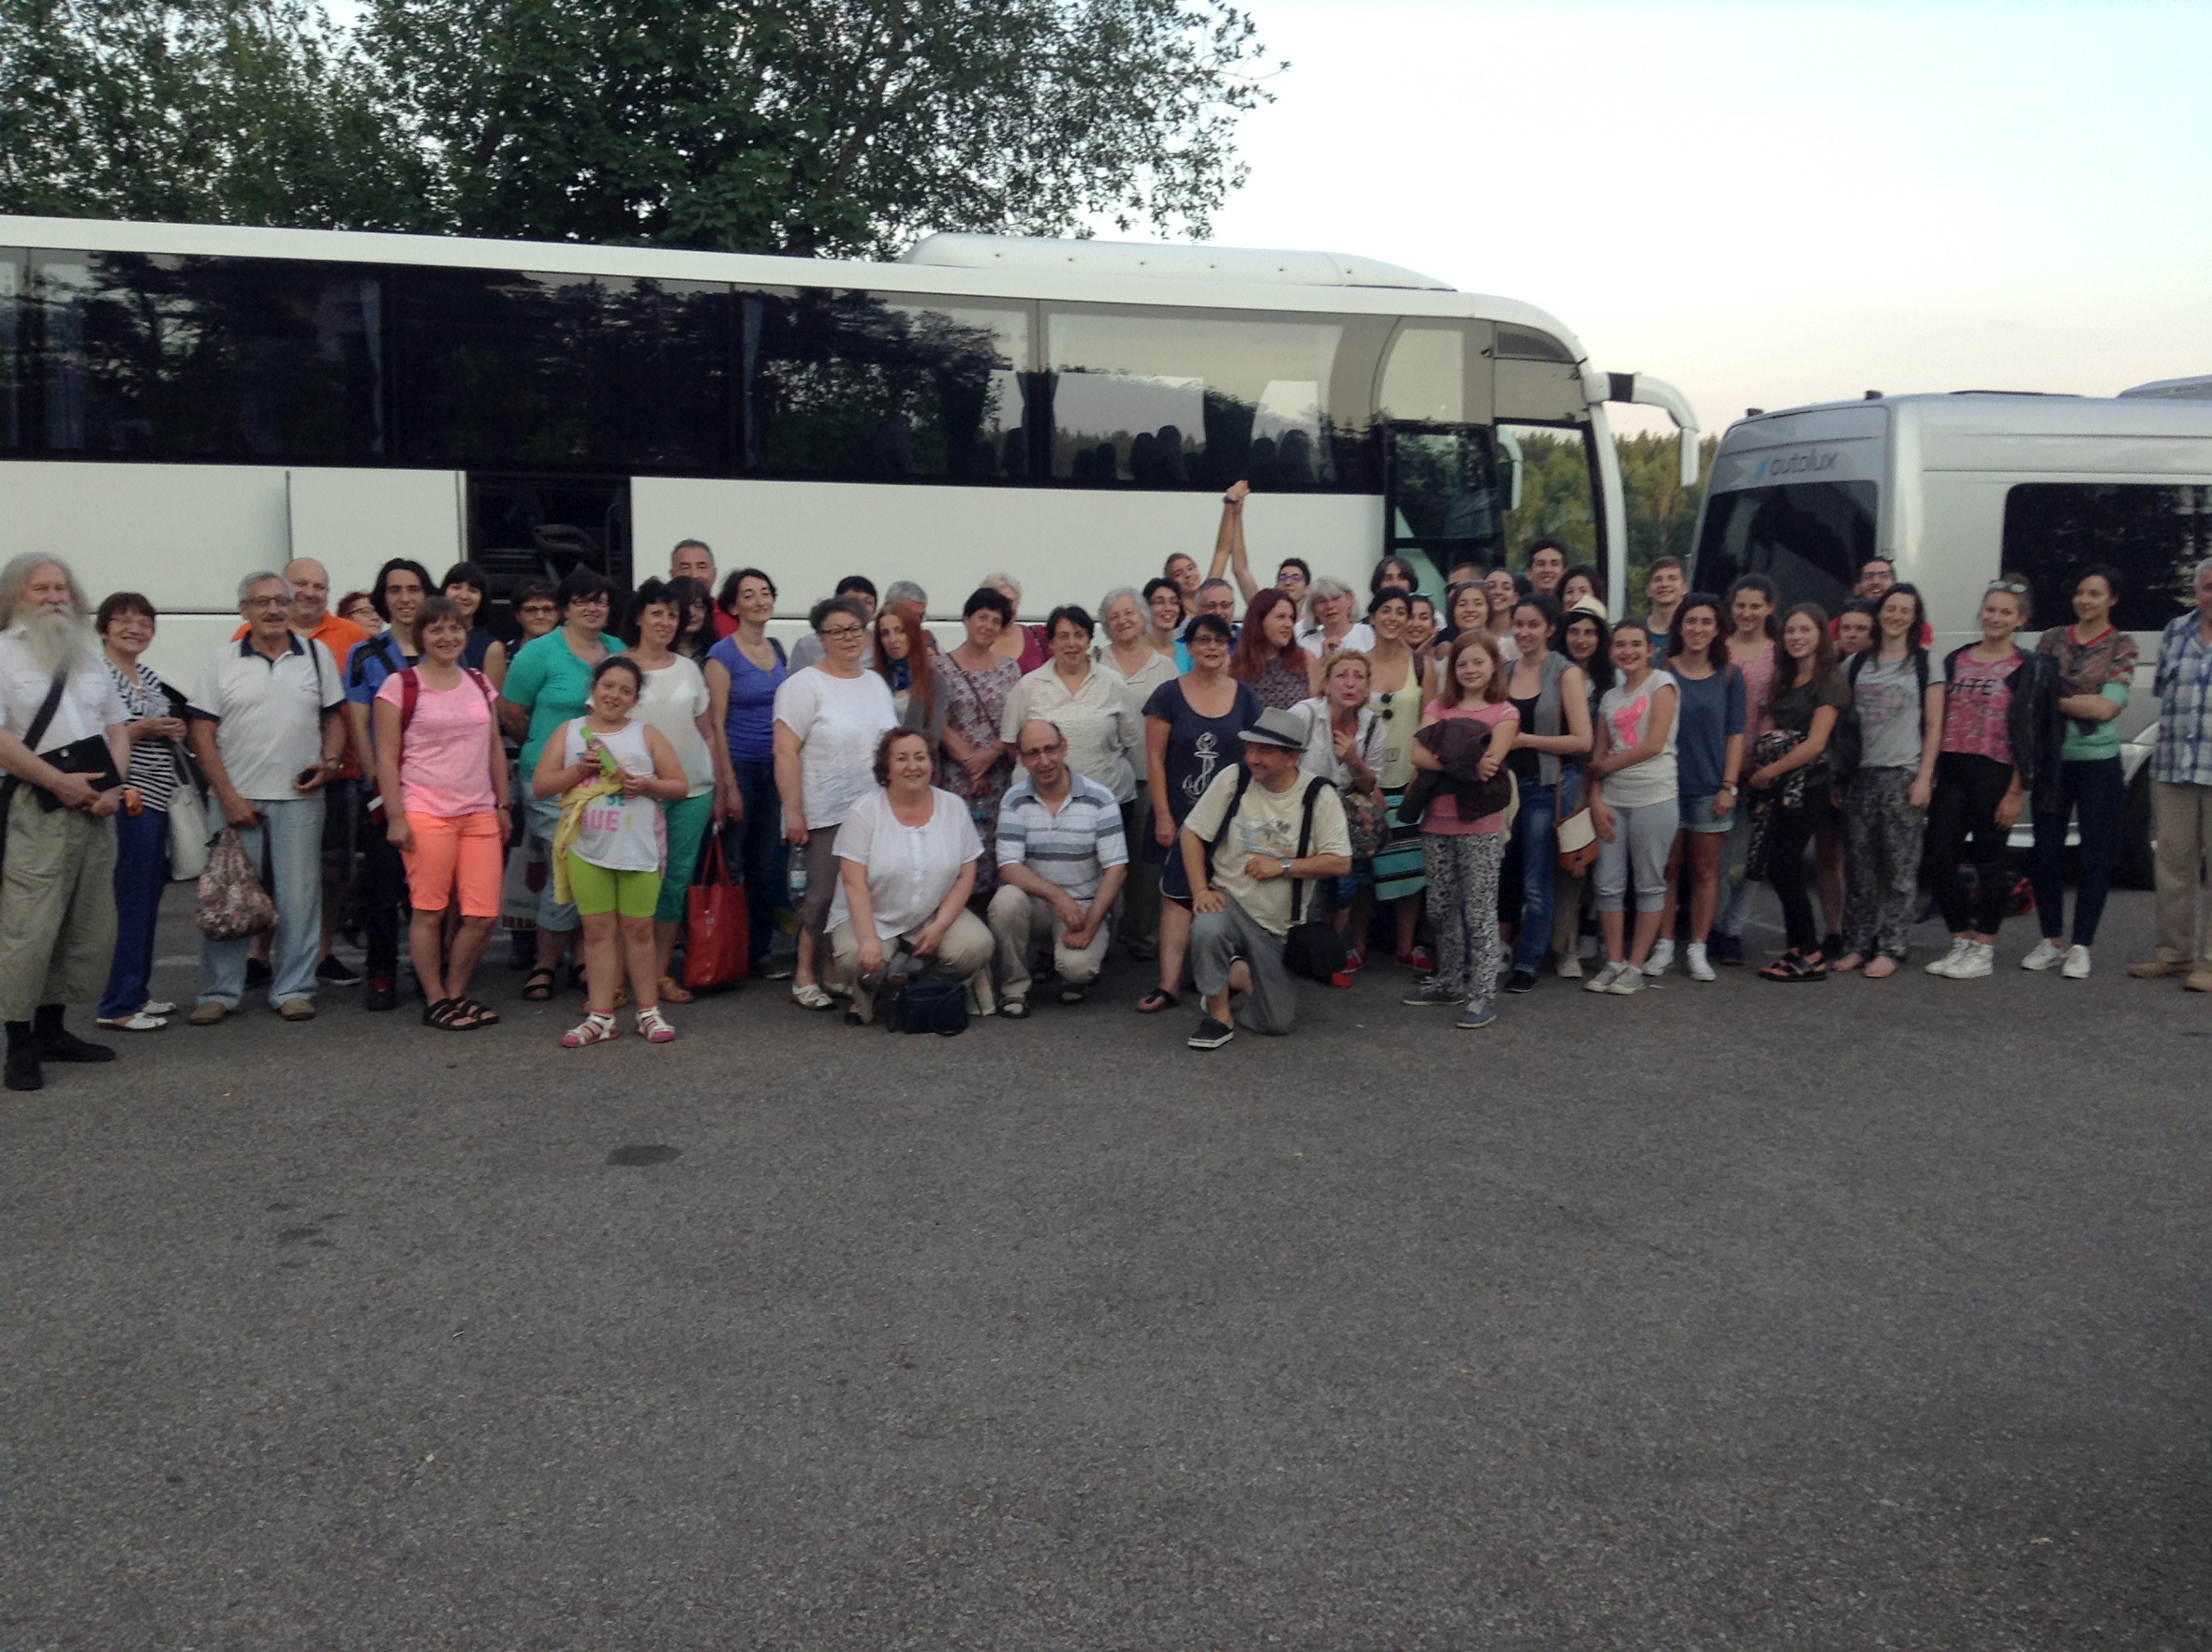 Uczestnicy wycieczki tradycyjnie zebrali się na parkingu przy Kiubėtė, skąd dwoma pojazdami wyruszono do Moletai.